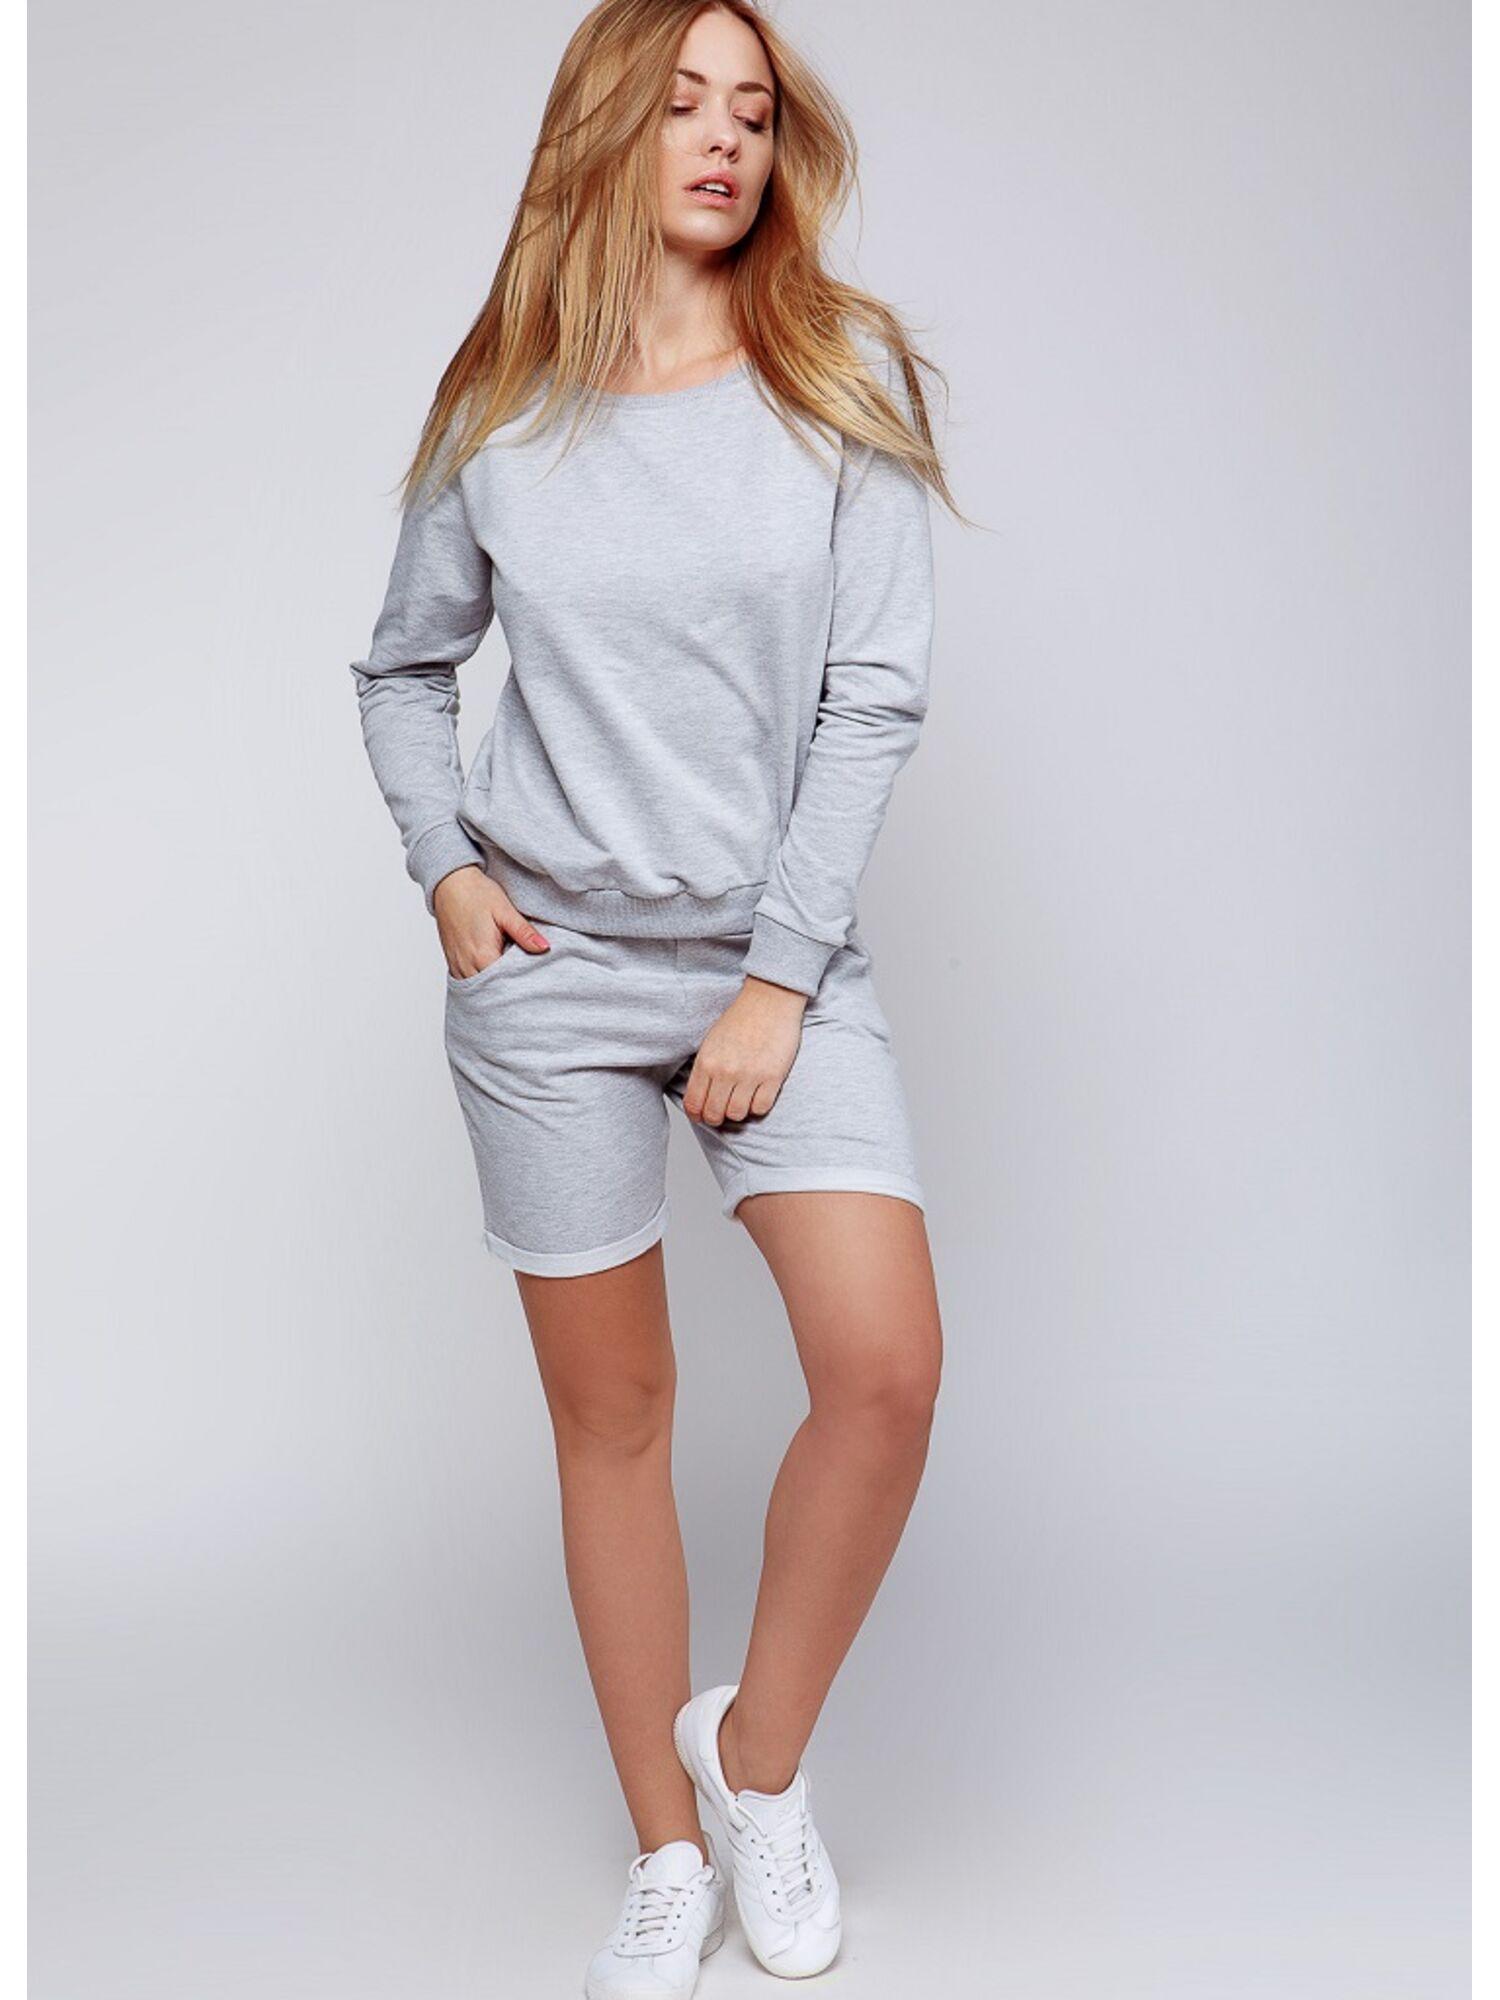 Женский хлопковый комплект с шортами DRAFT серый, Sensis (Польша)